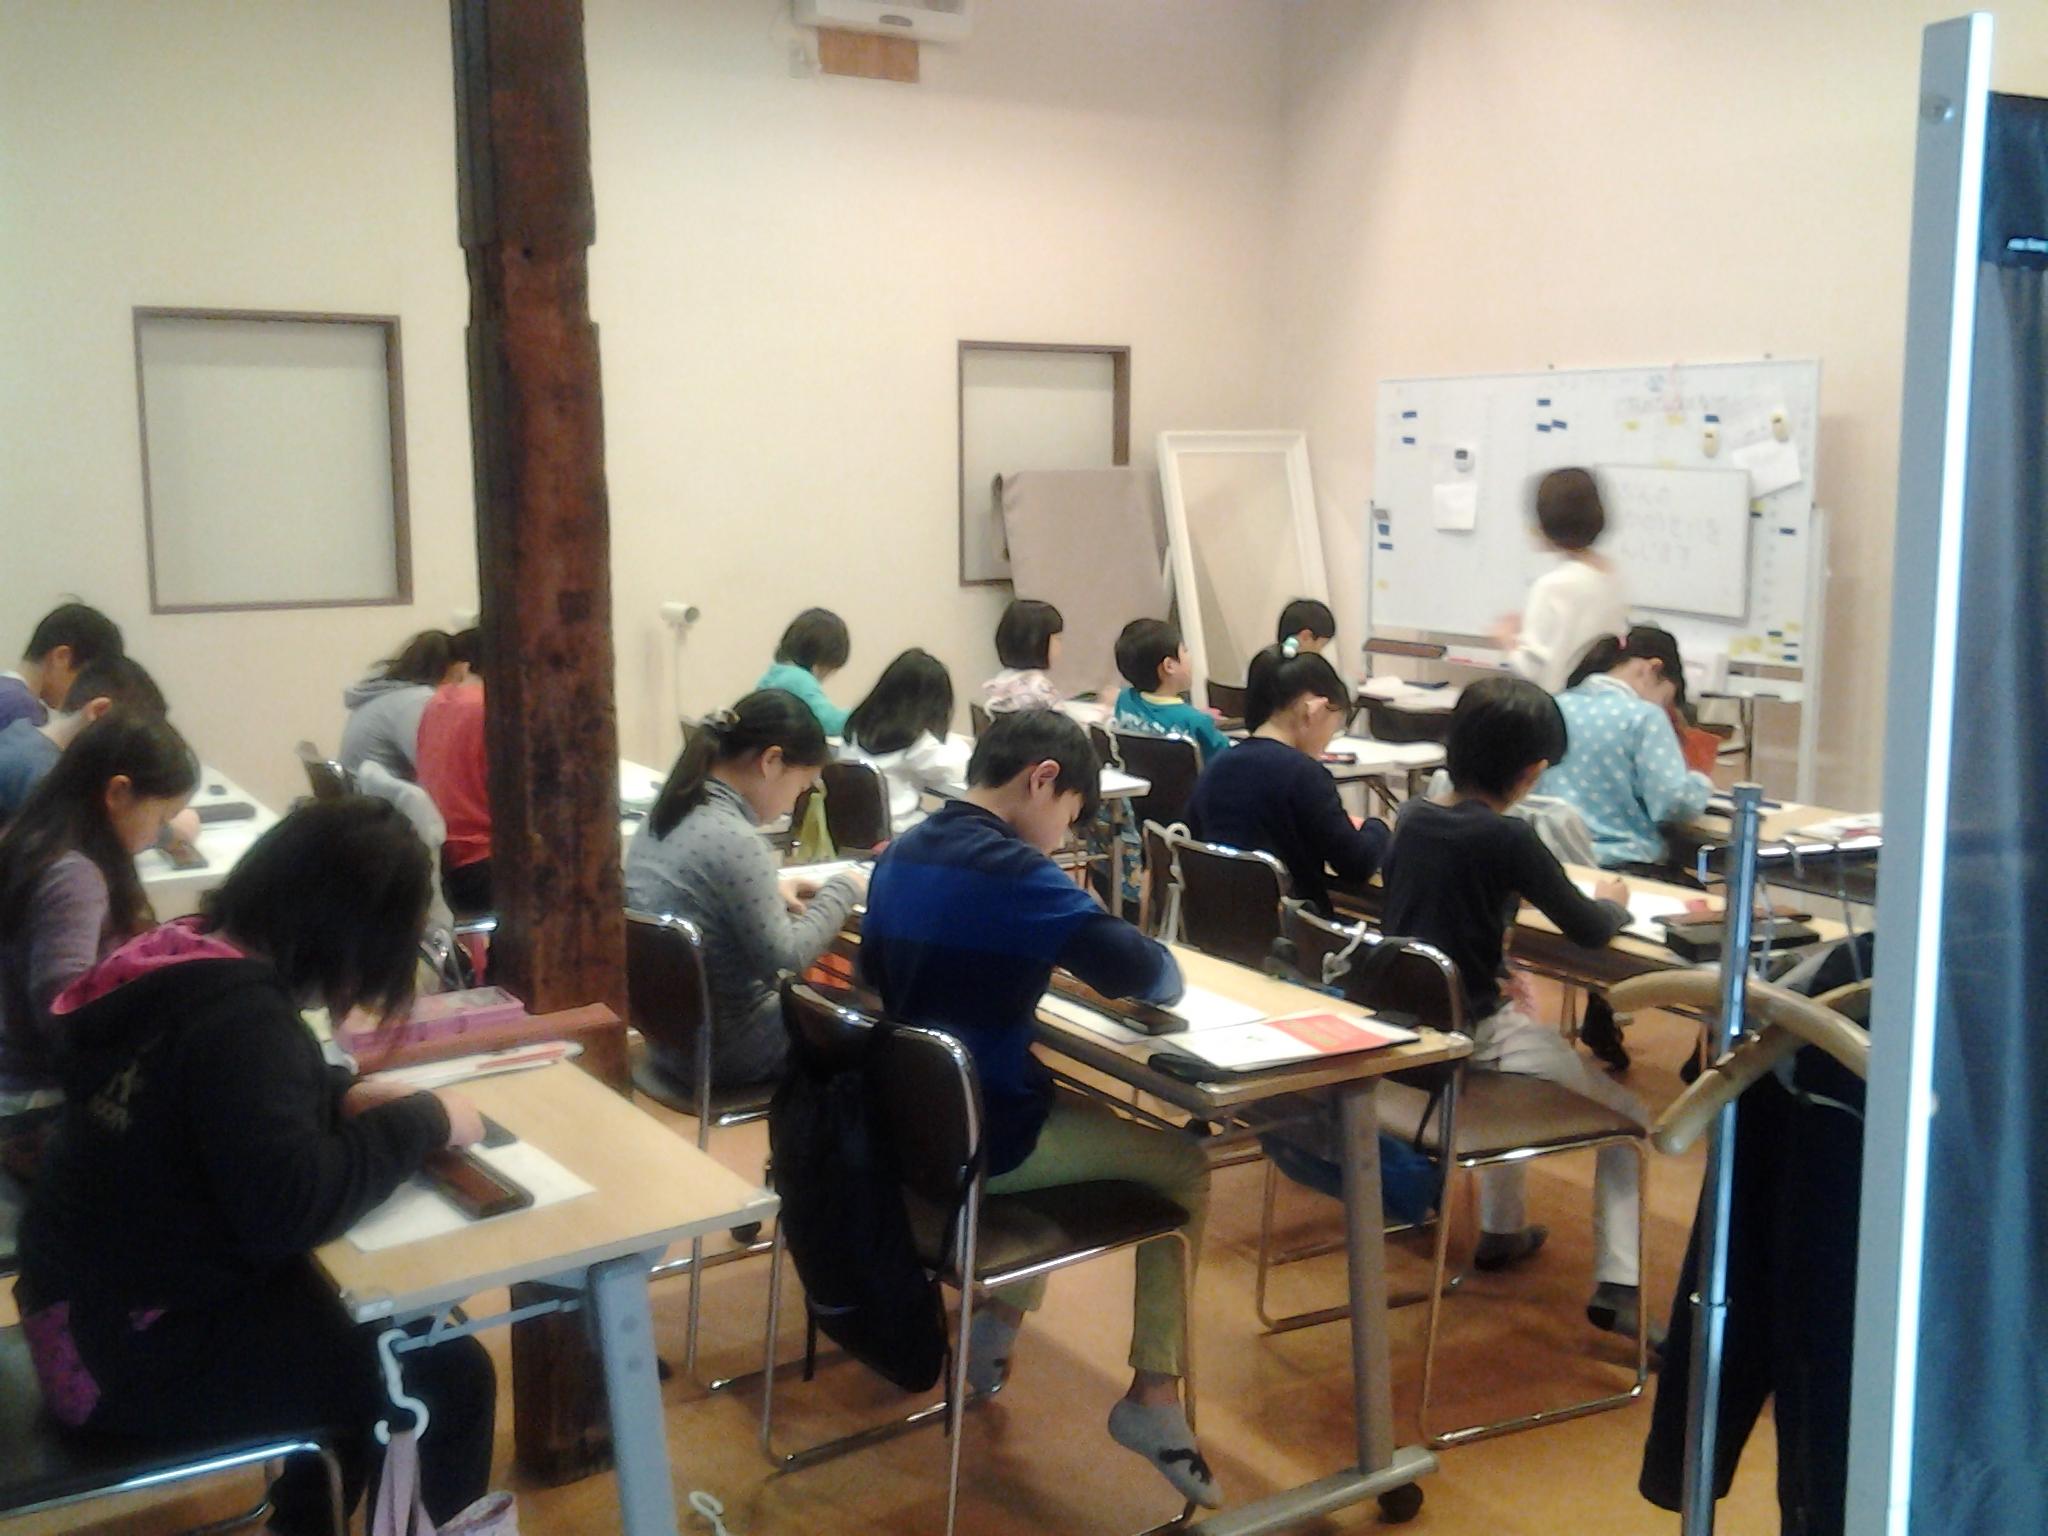 そろばん教室の授業風景の写真